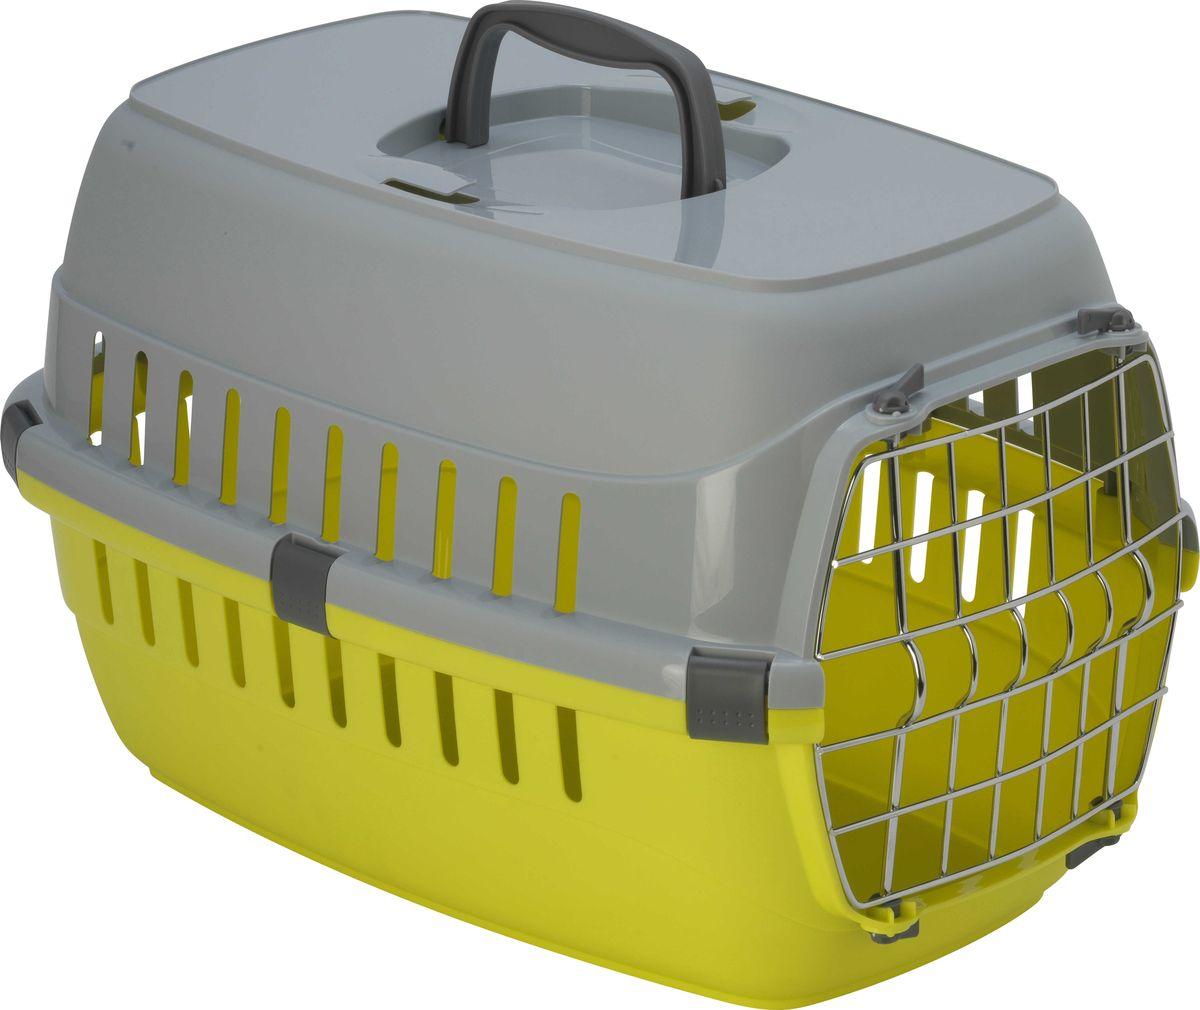 Переноска для животных Moderna  Roadrunner 1 , с металлической дверью, цвет: лимонный, 51 x 31 x 34 см - Переноски, товары для транспортировки